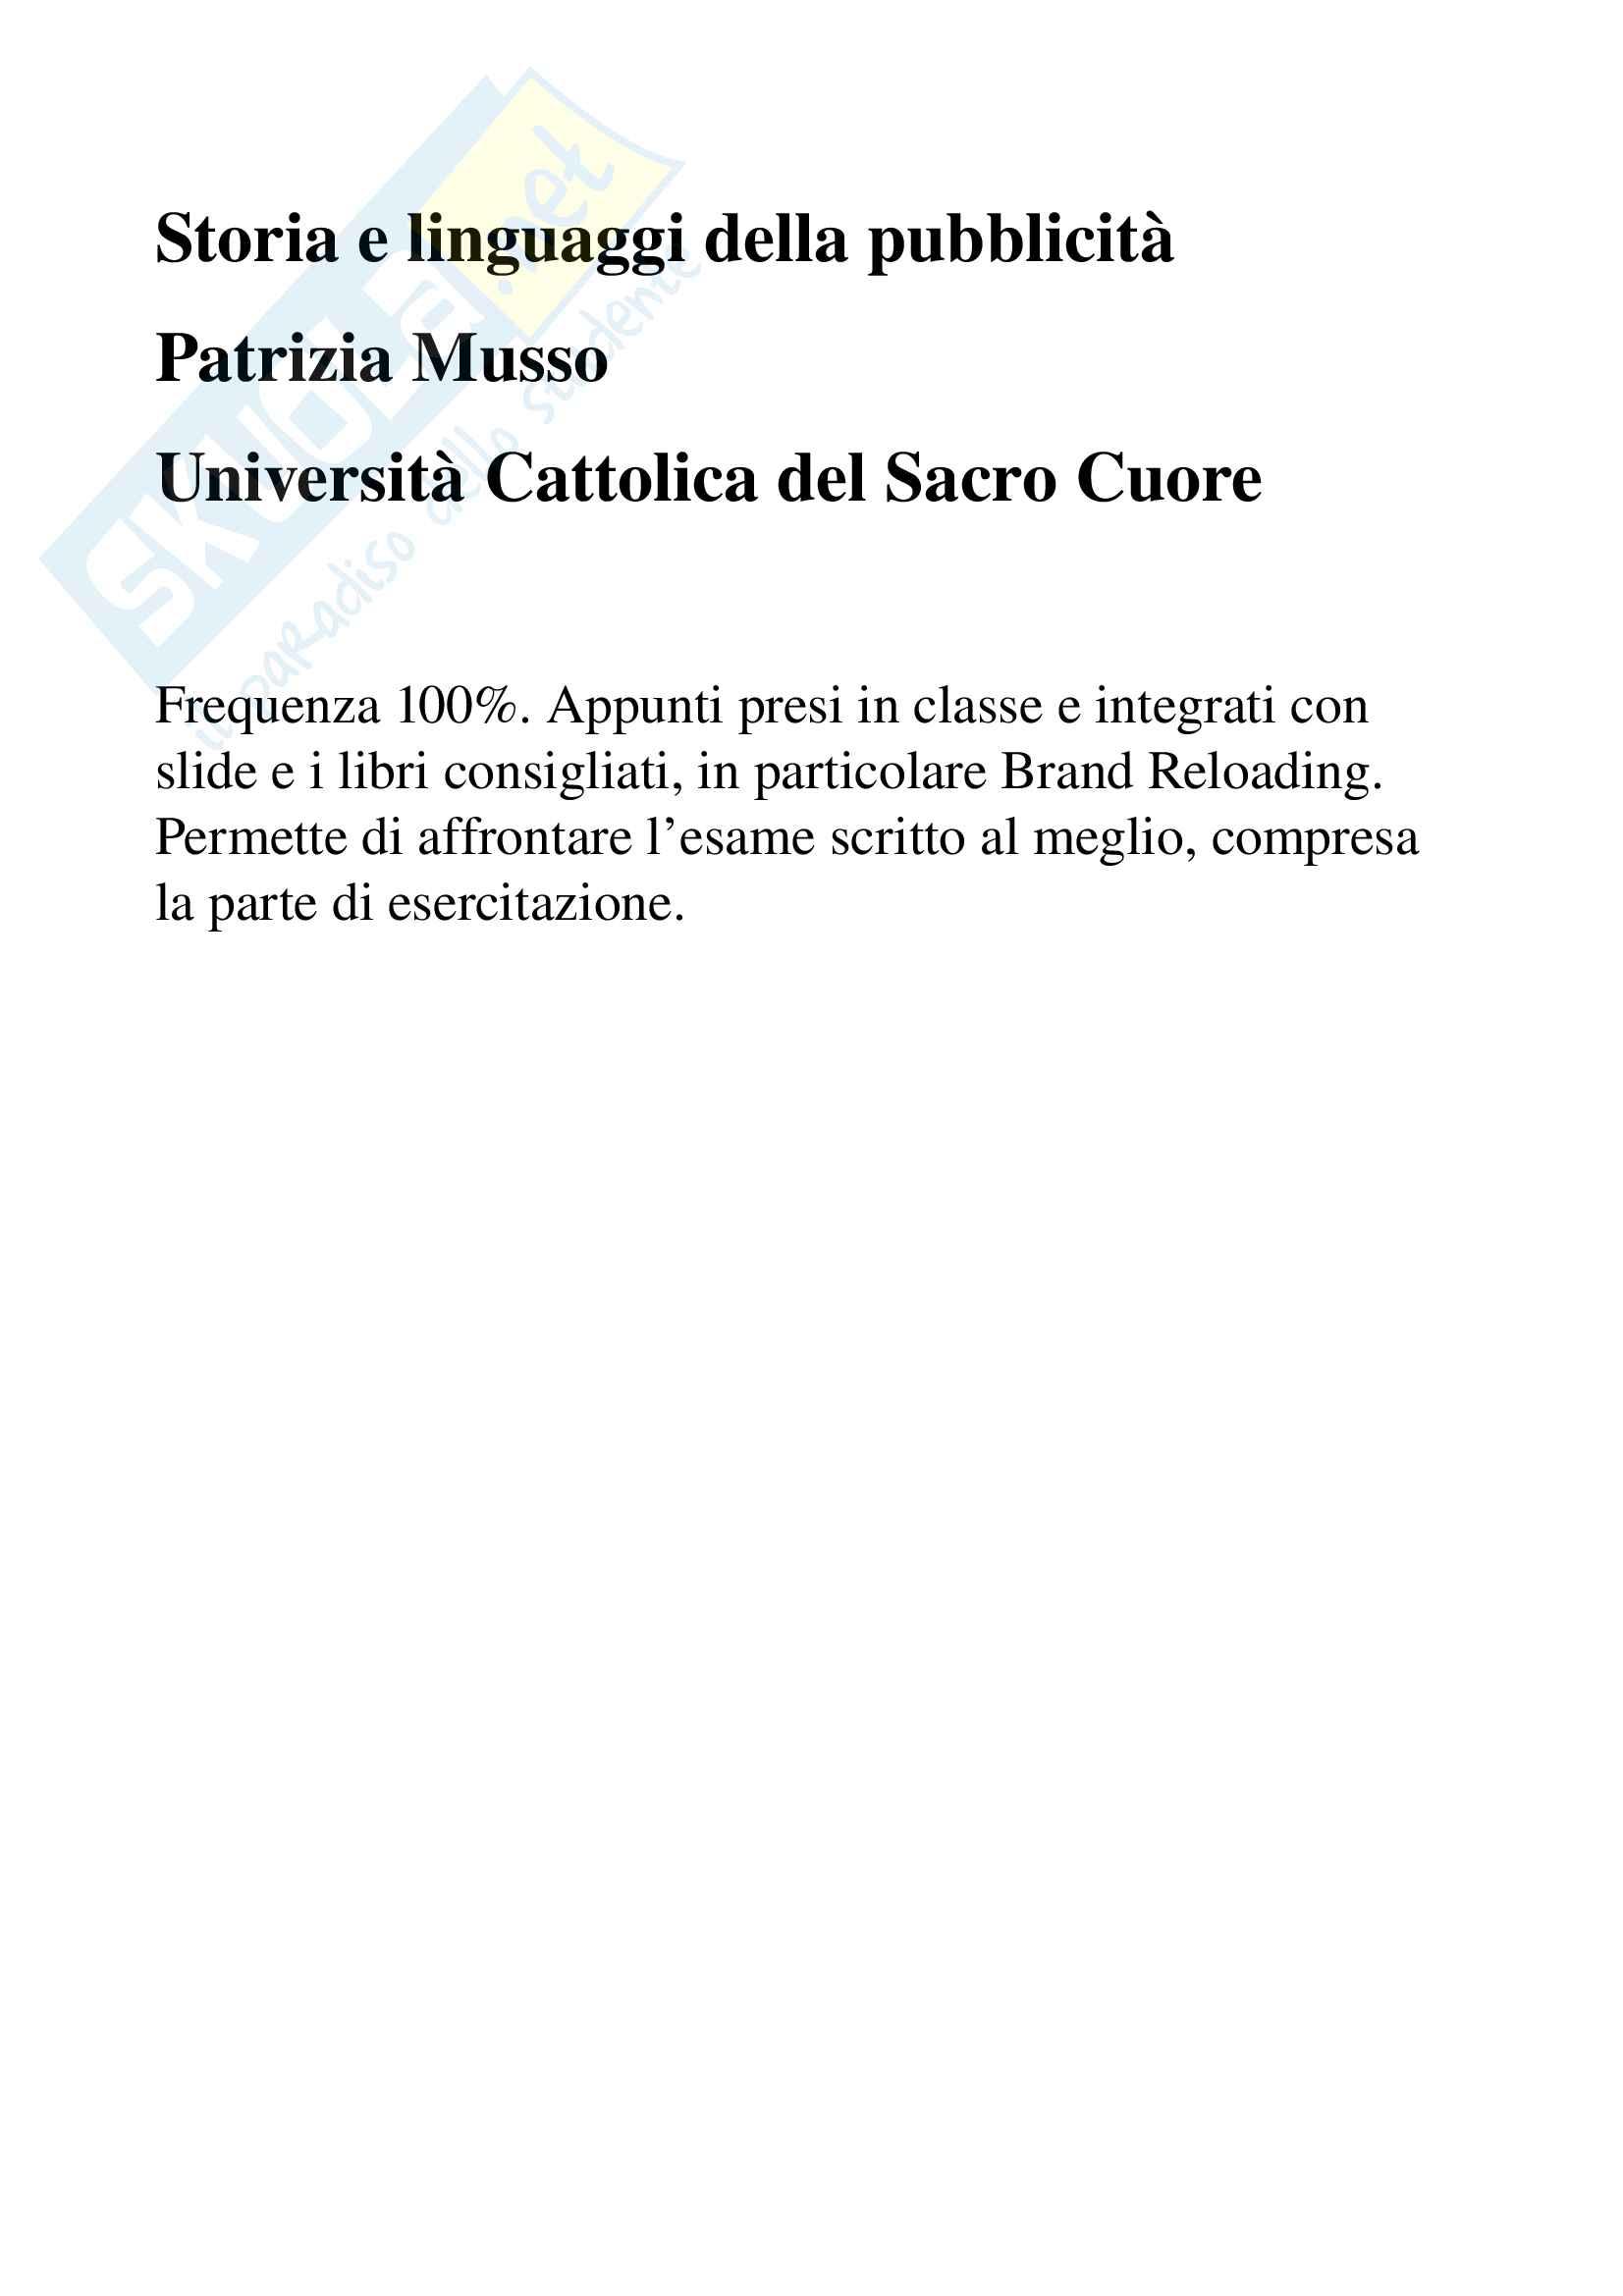 Appunti per esame di storia e linguaggi della pubblicità, prof. Musso, libro consigliato 'Brand Reloading - Patrizia Musso'